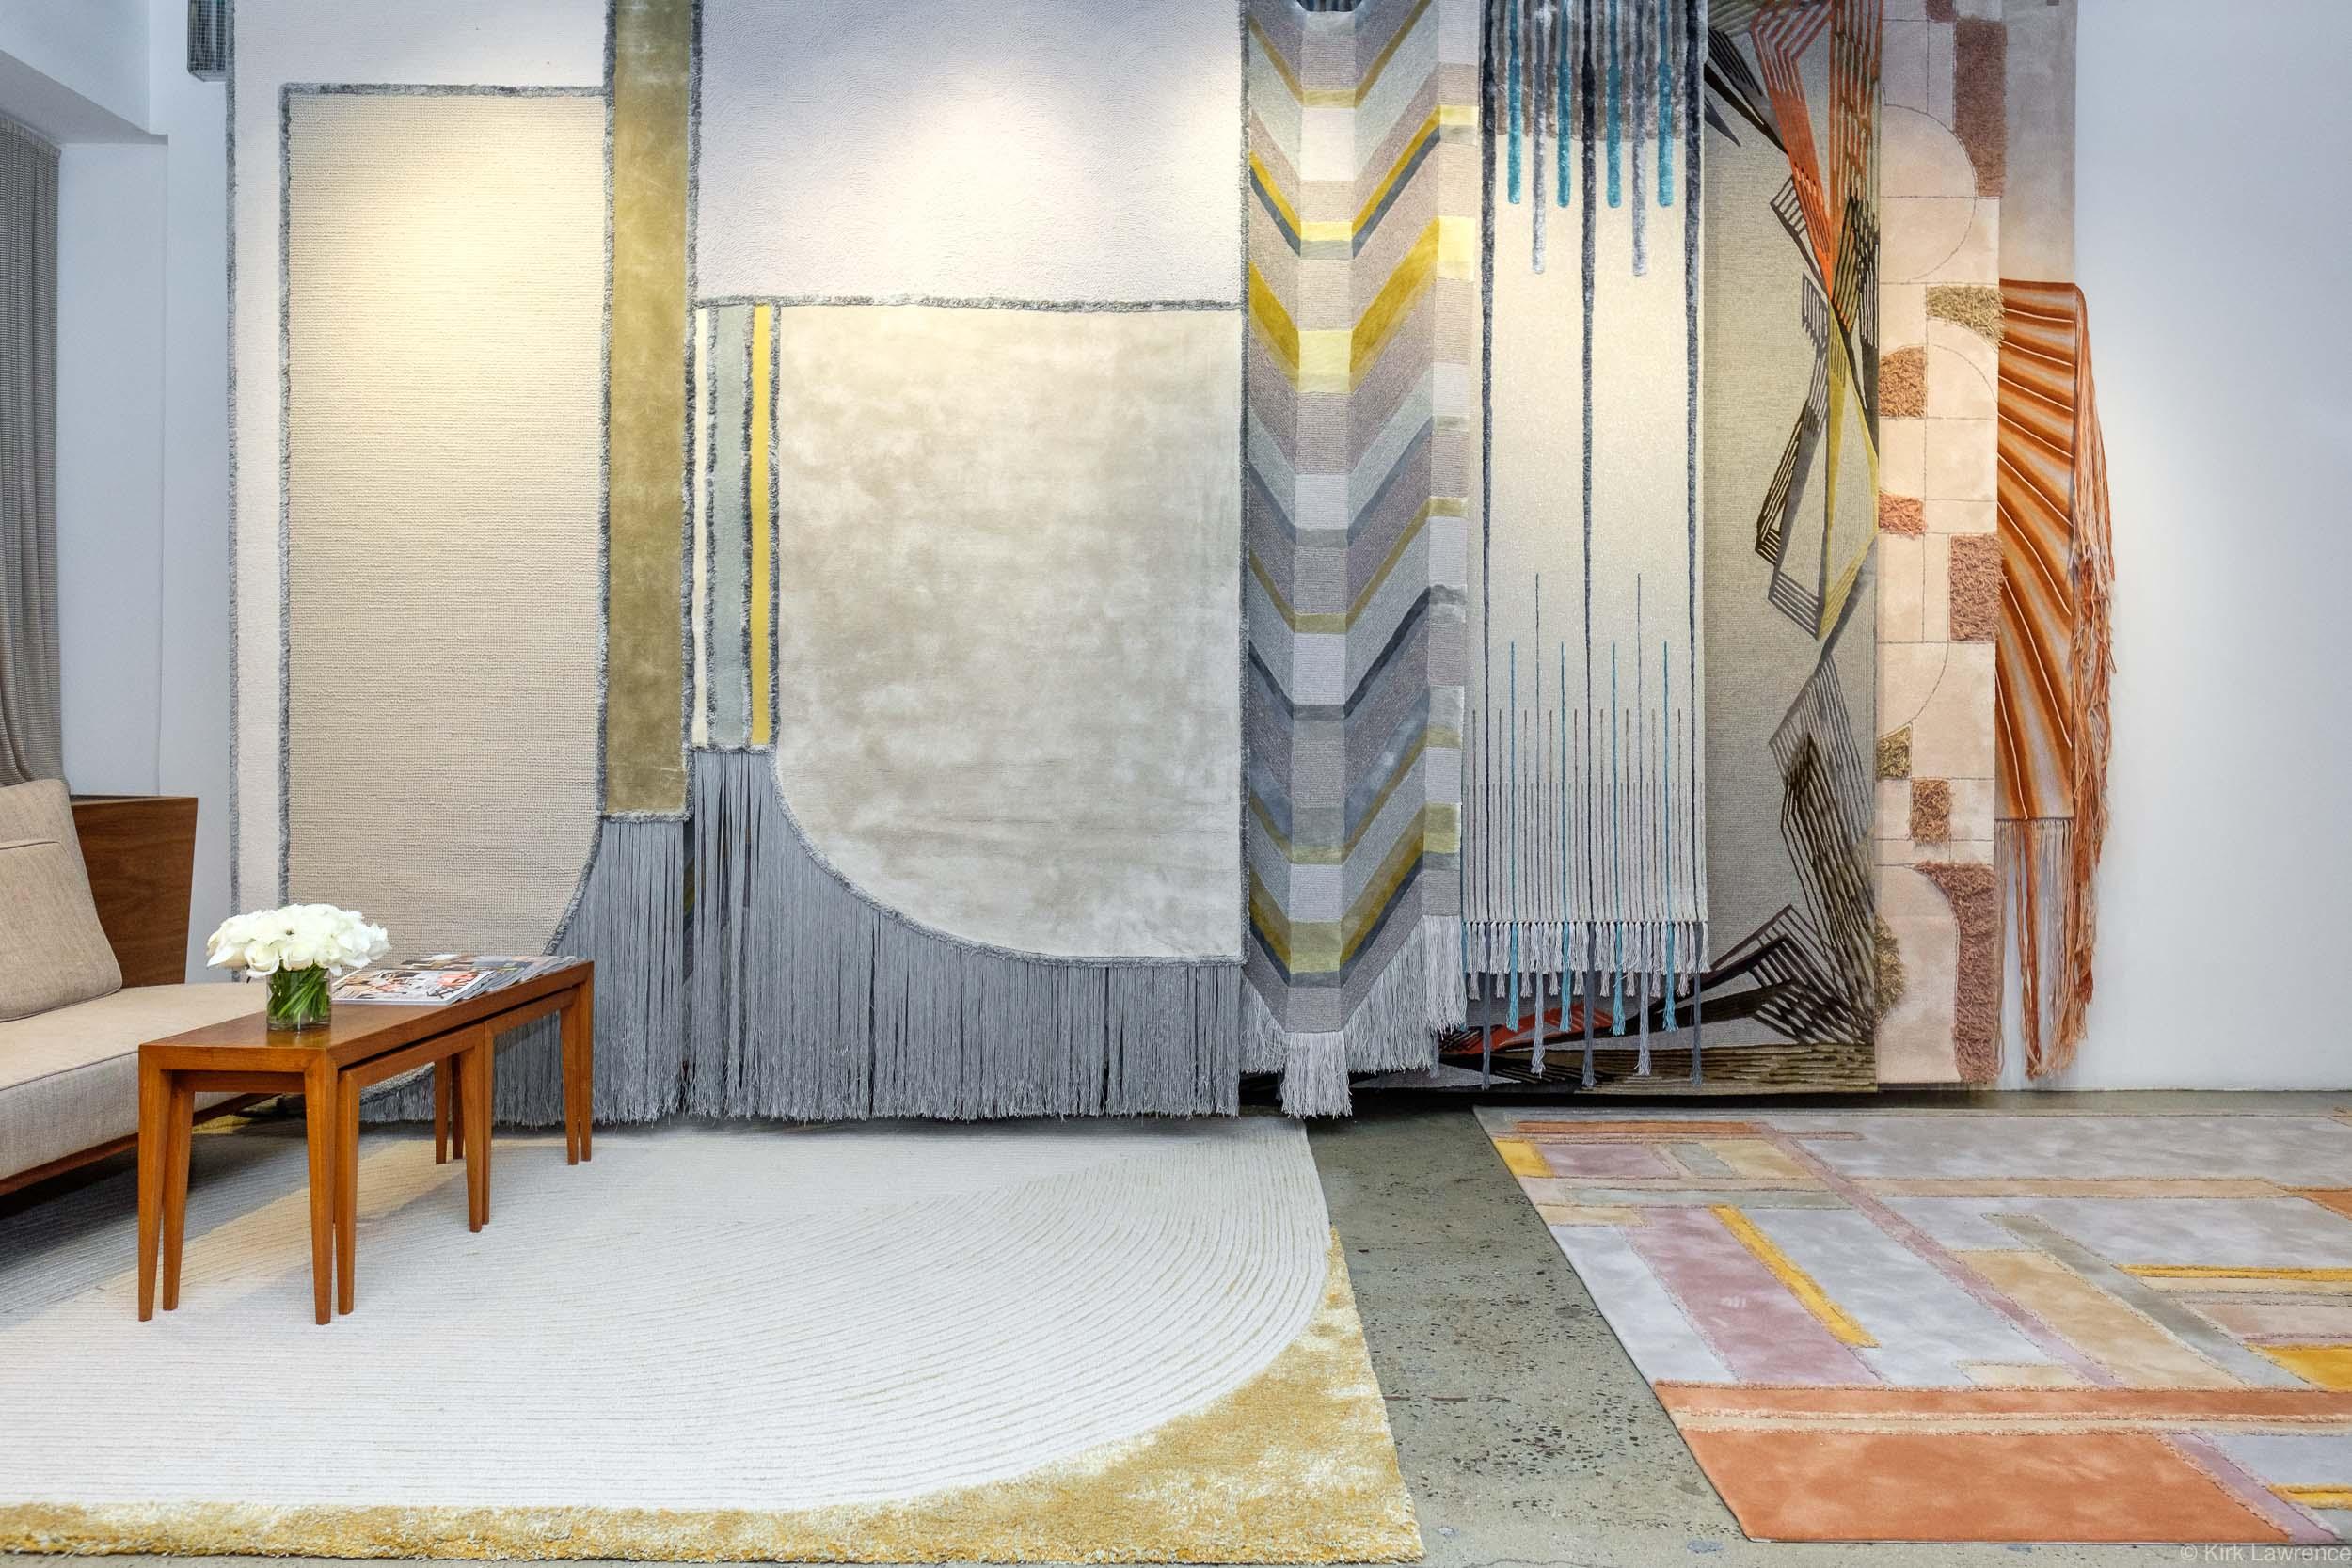 Edward_Fields_New_York_City_showroom.jpg